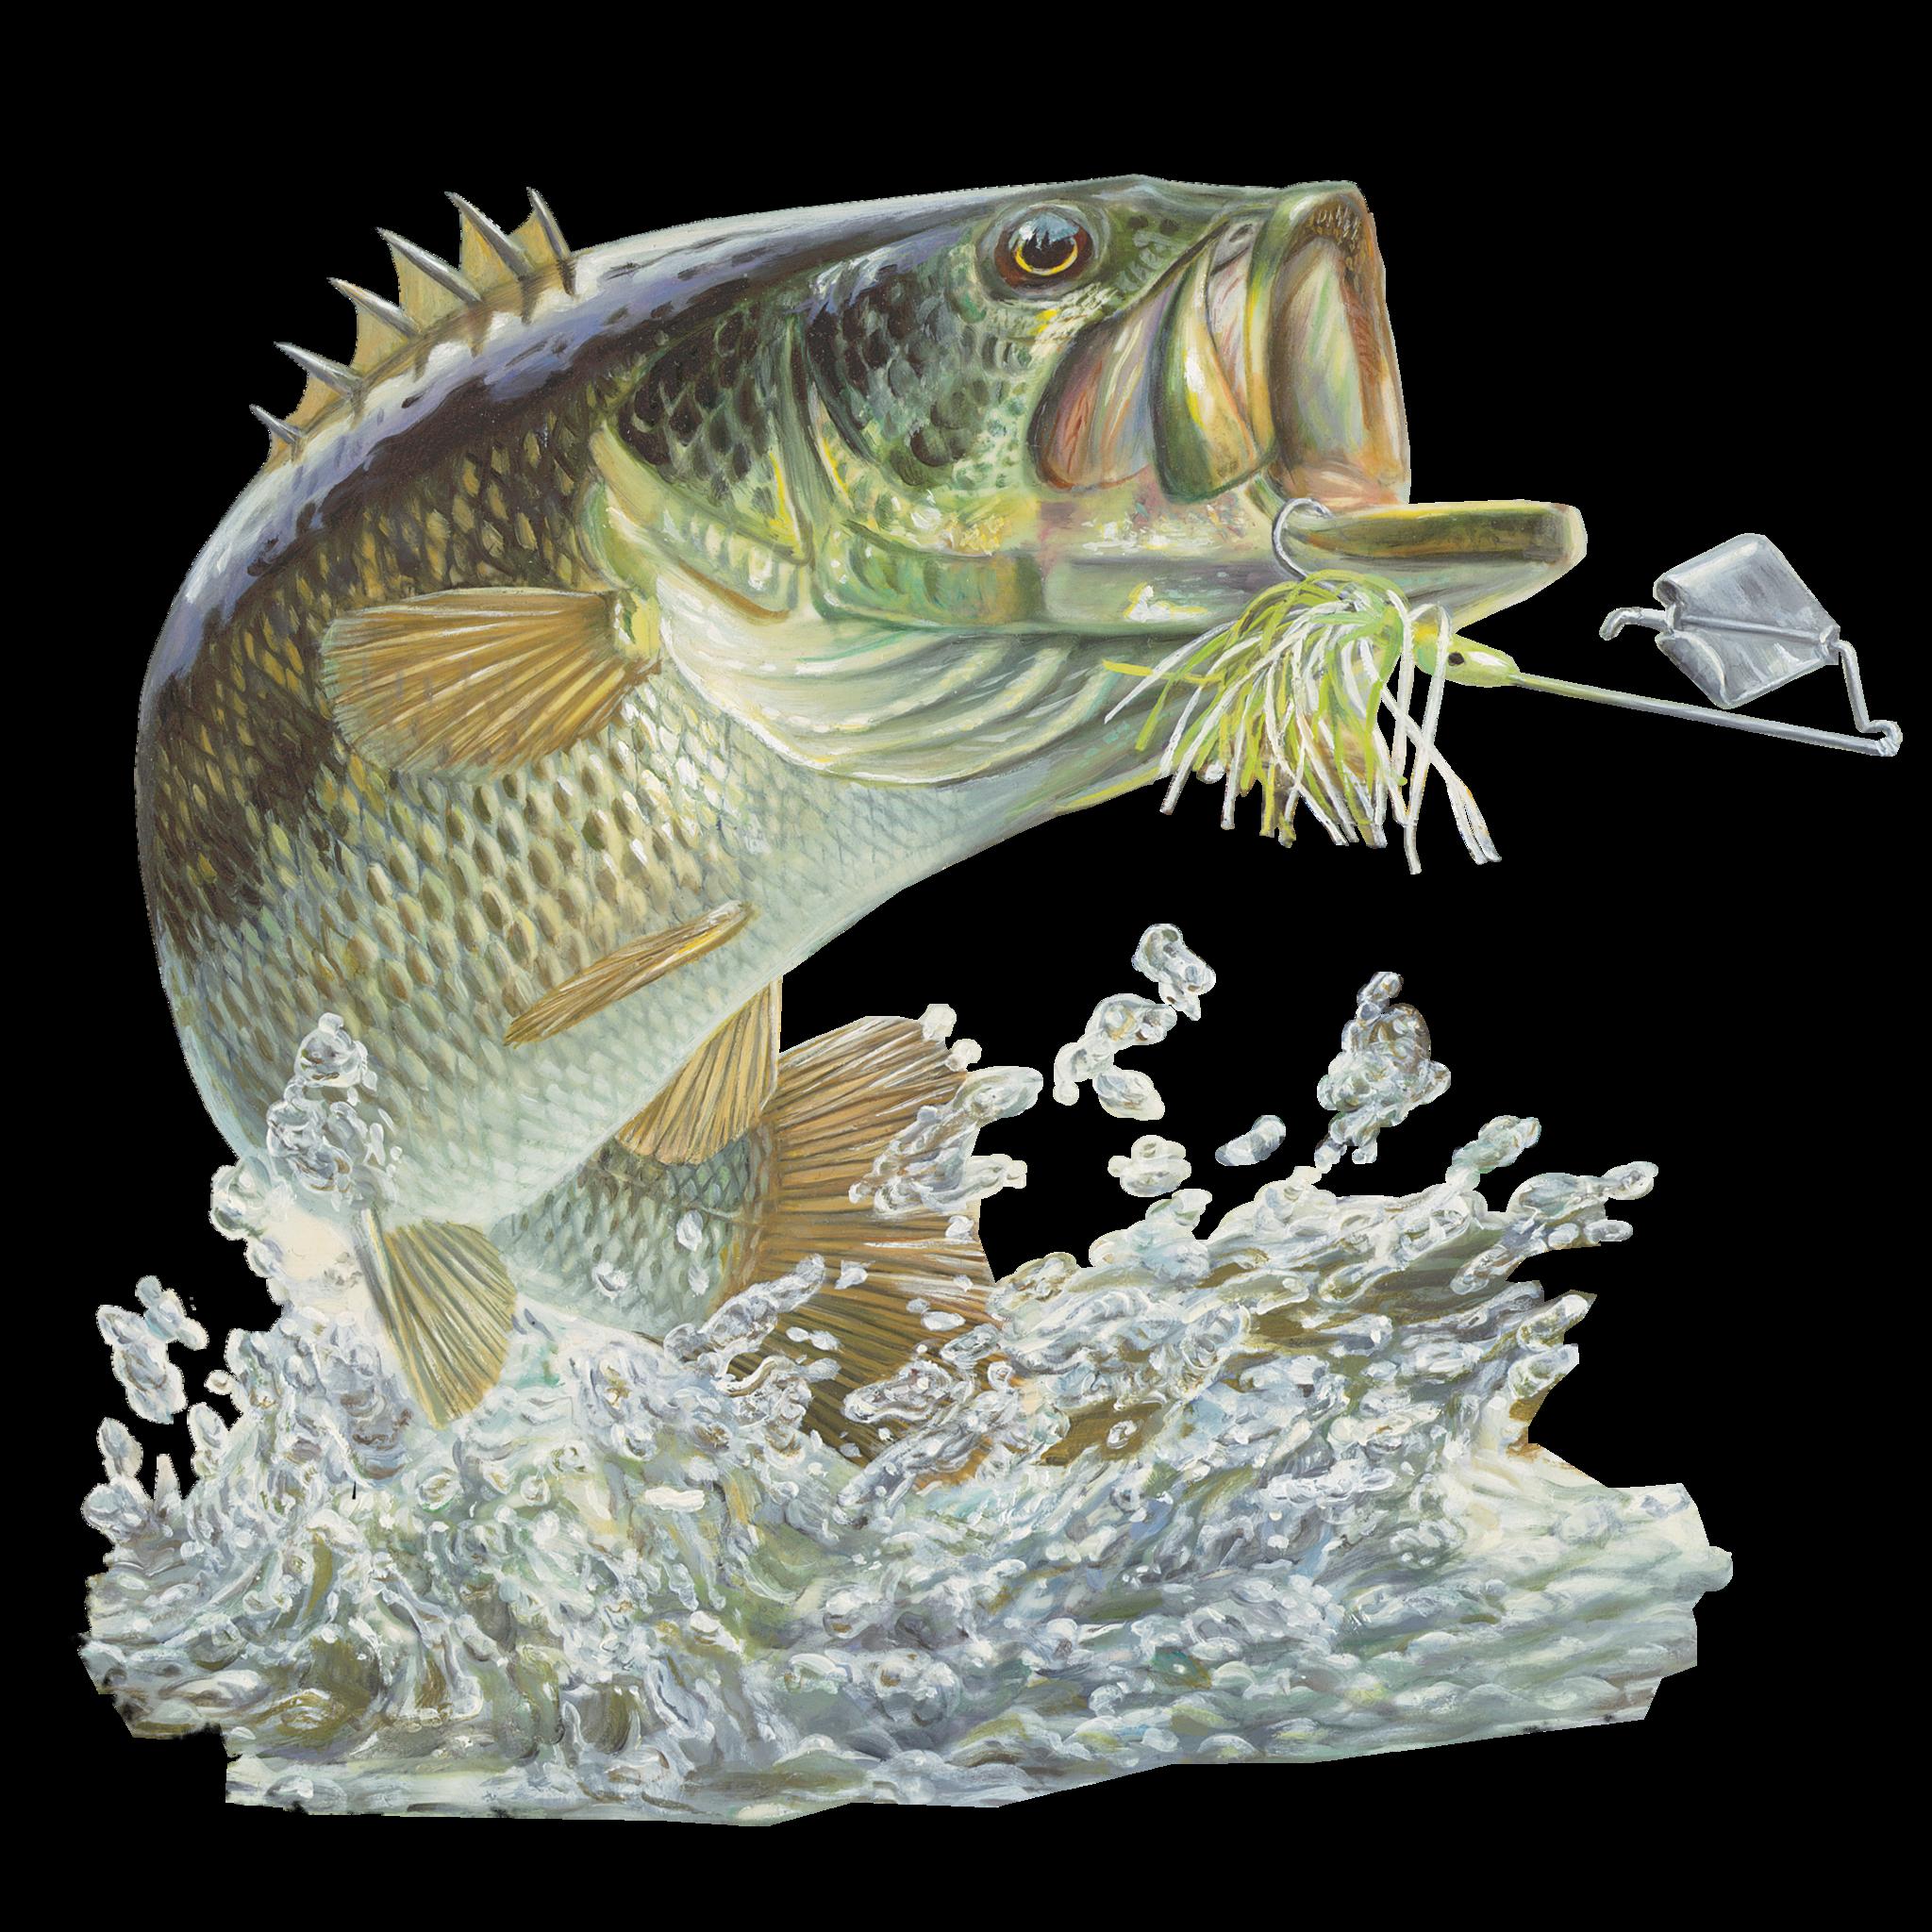 Bass fishing sticker buzzbait fishing apparel fishing for Bass fishing hats